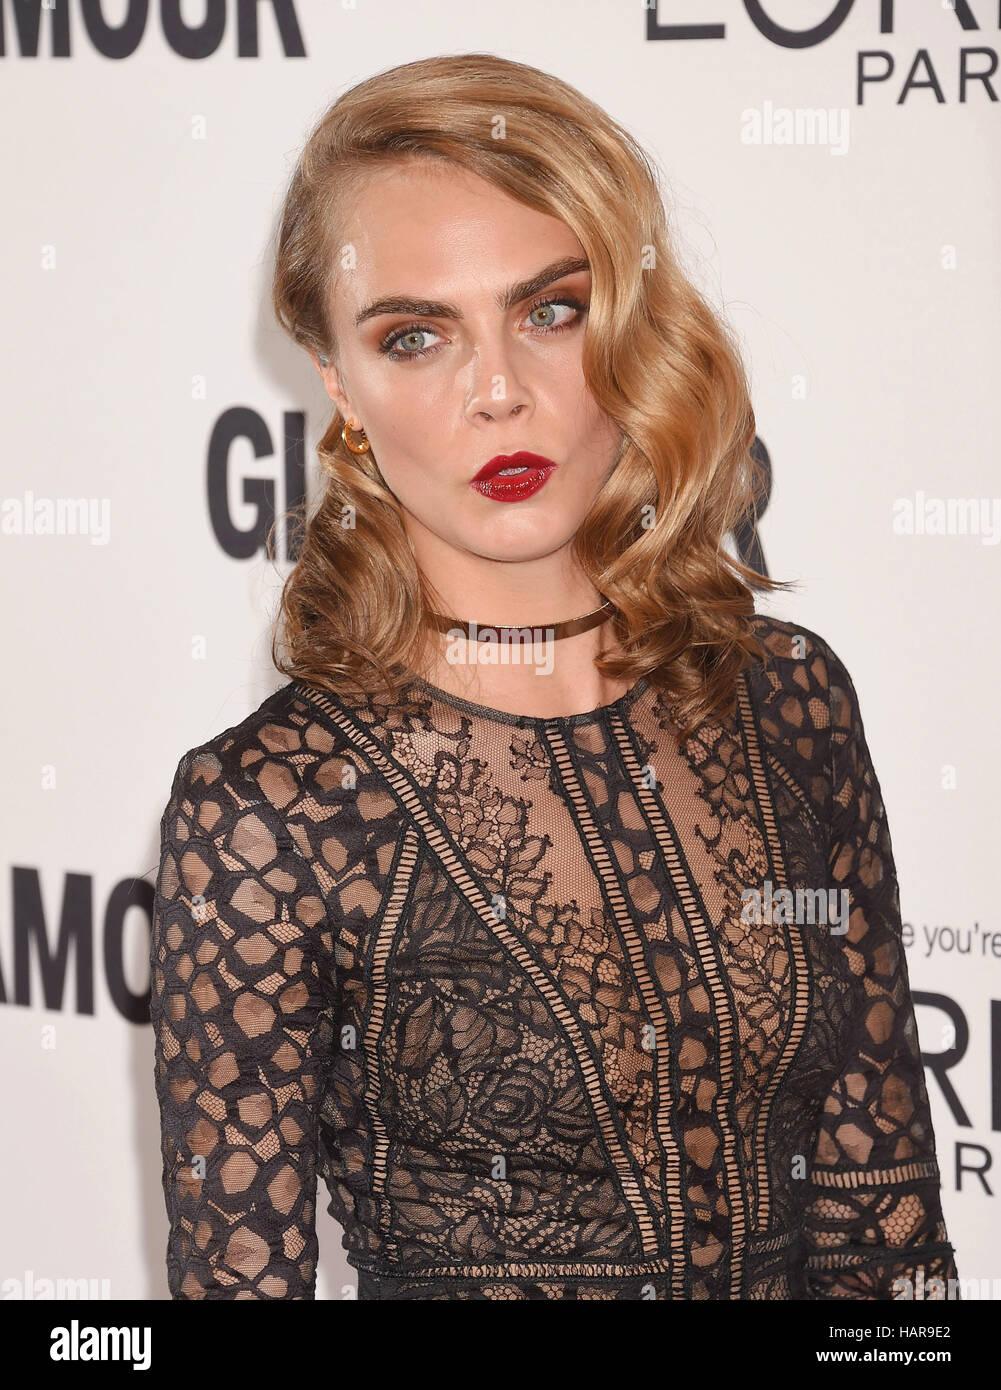 CARA DELEVINGNE English modelo y actriz de cine en noviembre de 2016. Foto Jeffrey Mayer Imagen De Stock